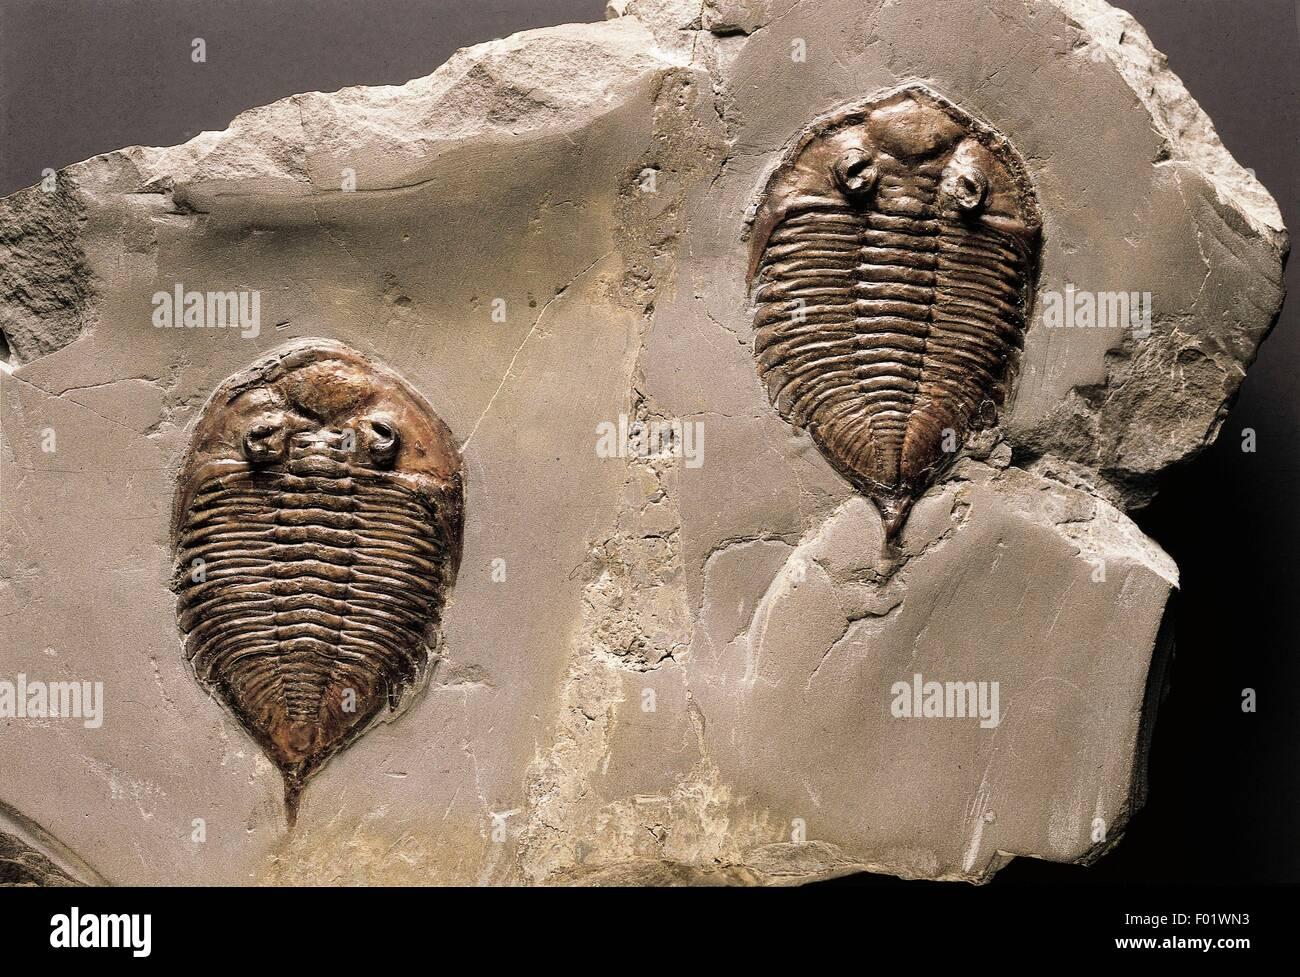 Des fossiles - Protostomia Arthropoda - Les Trilobites - Dalmanites limulurus - Silurien. Photo Stock